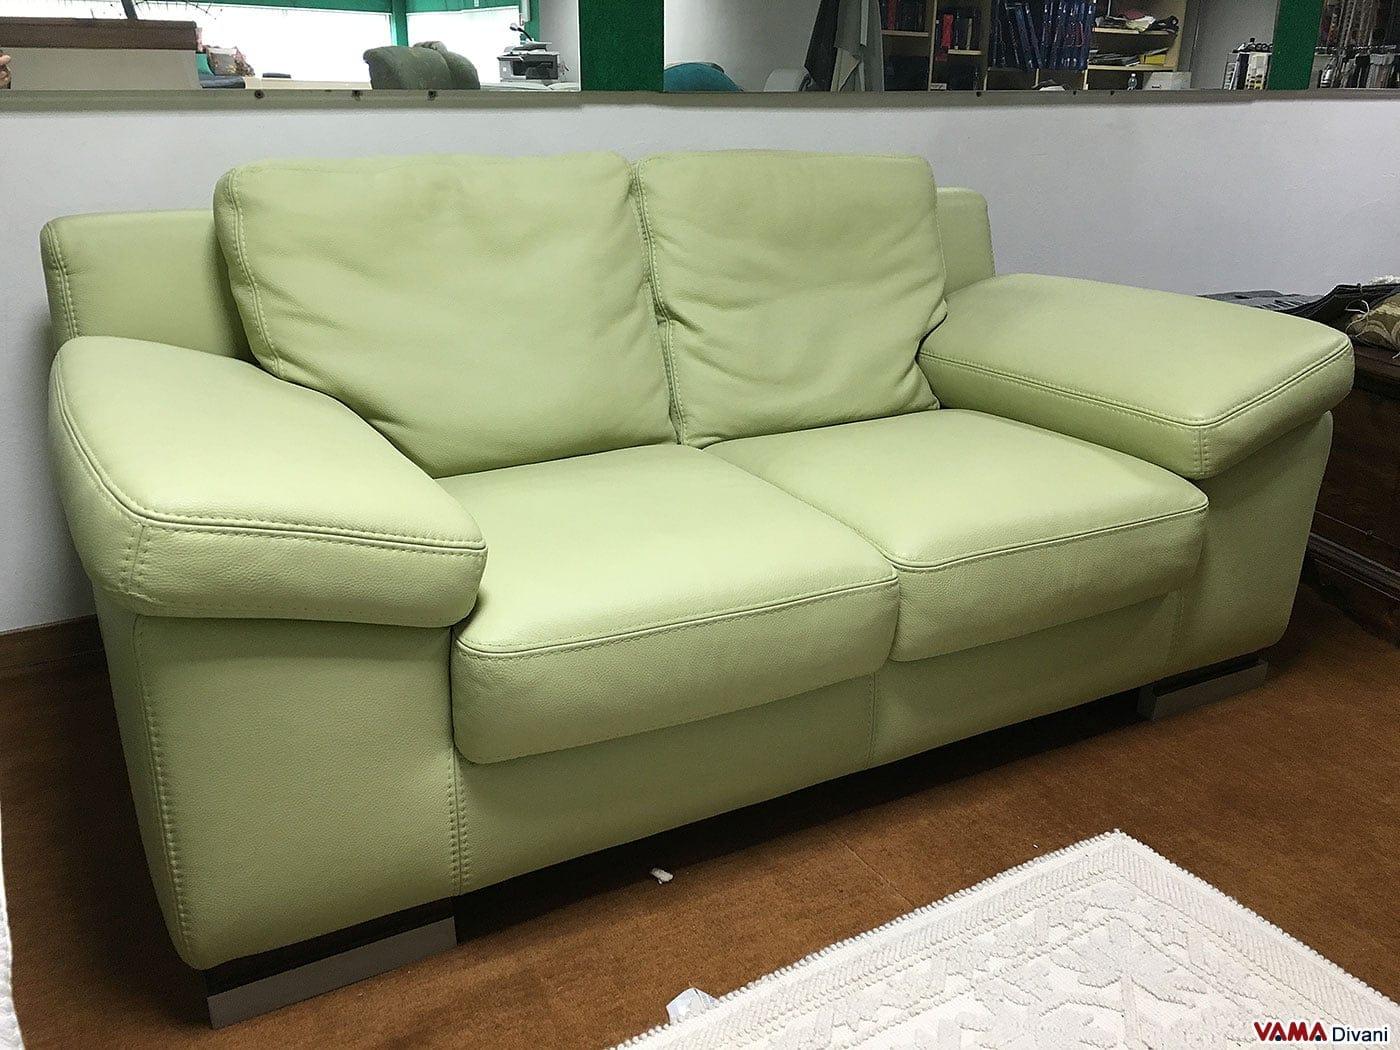 Divano in offerta 2 posti moderno in vera pelle verde for Divani letti moderni